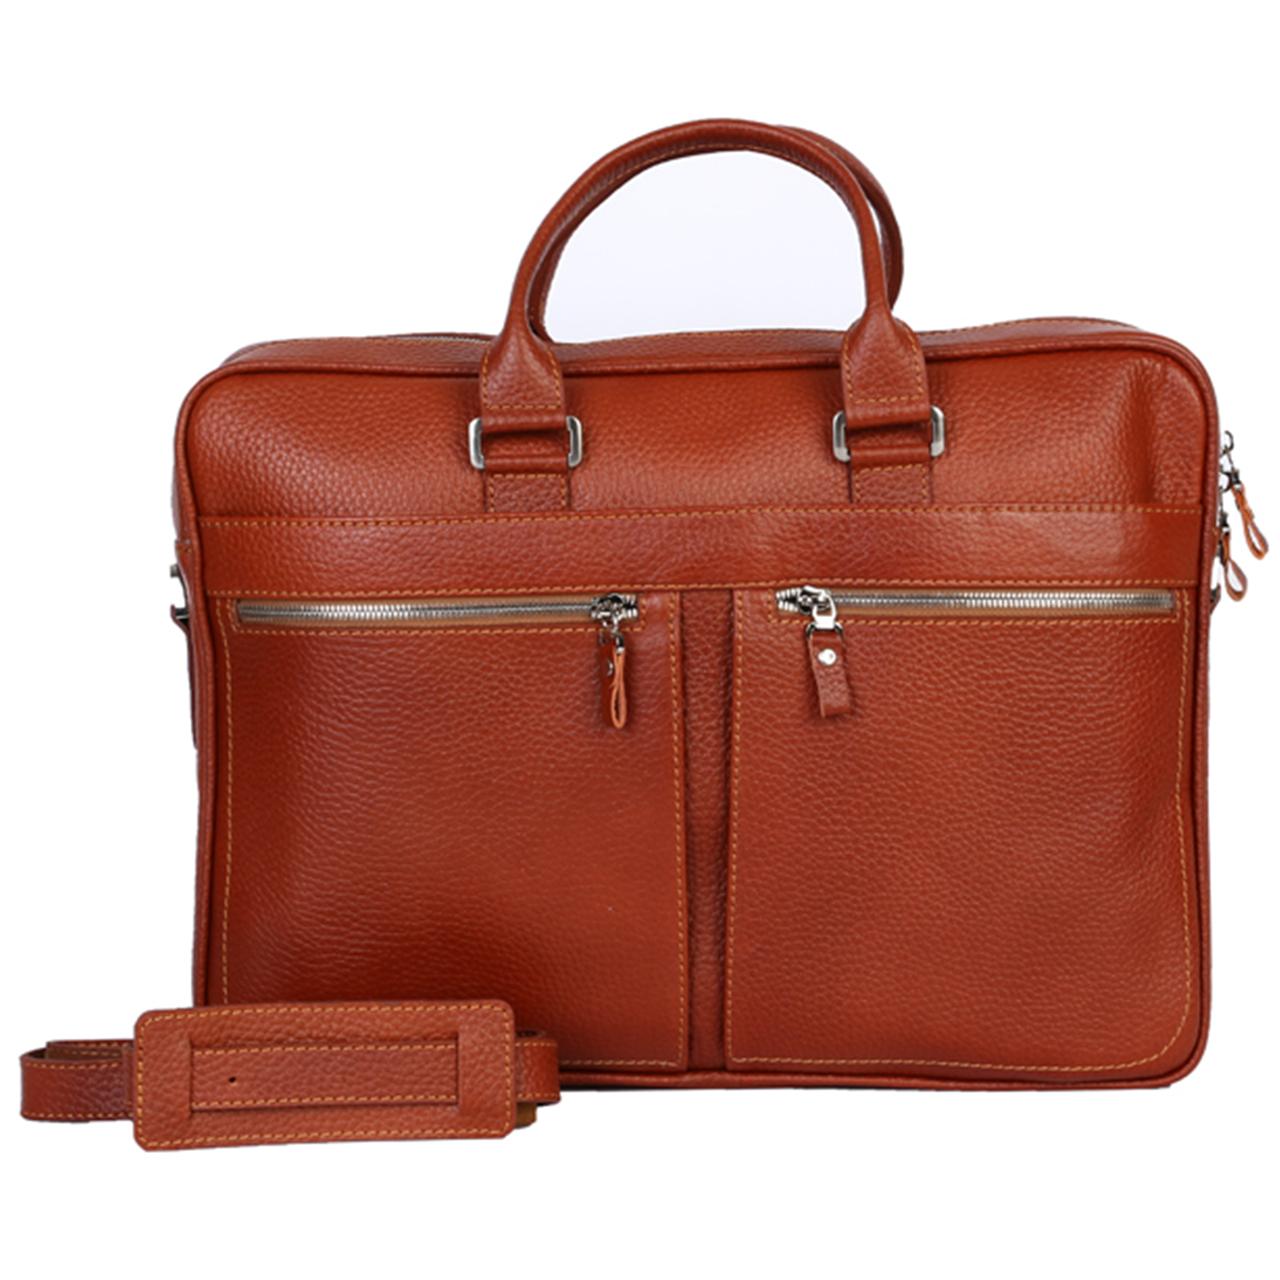 کیف اداری دو دسته رویال چرم کدBL25-Brown